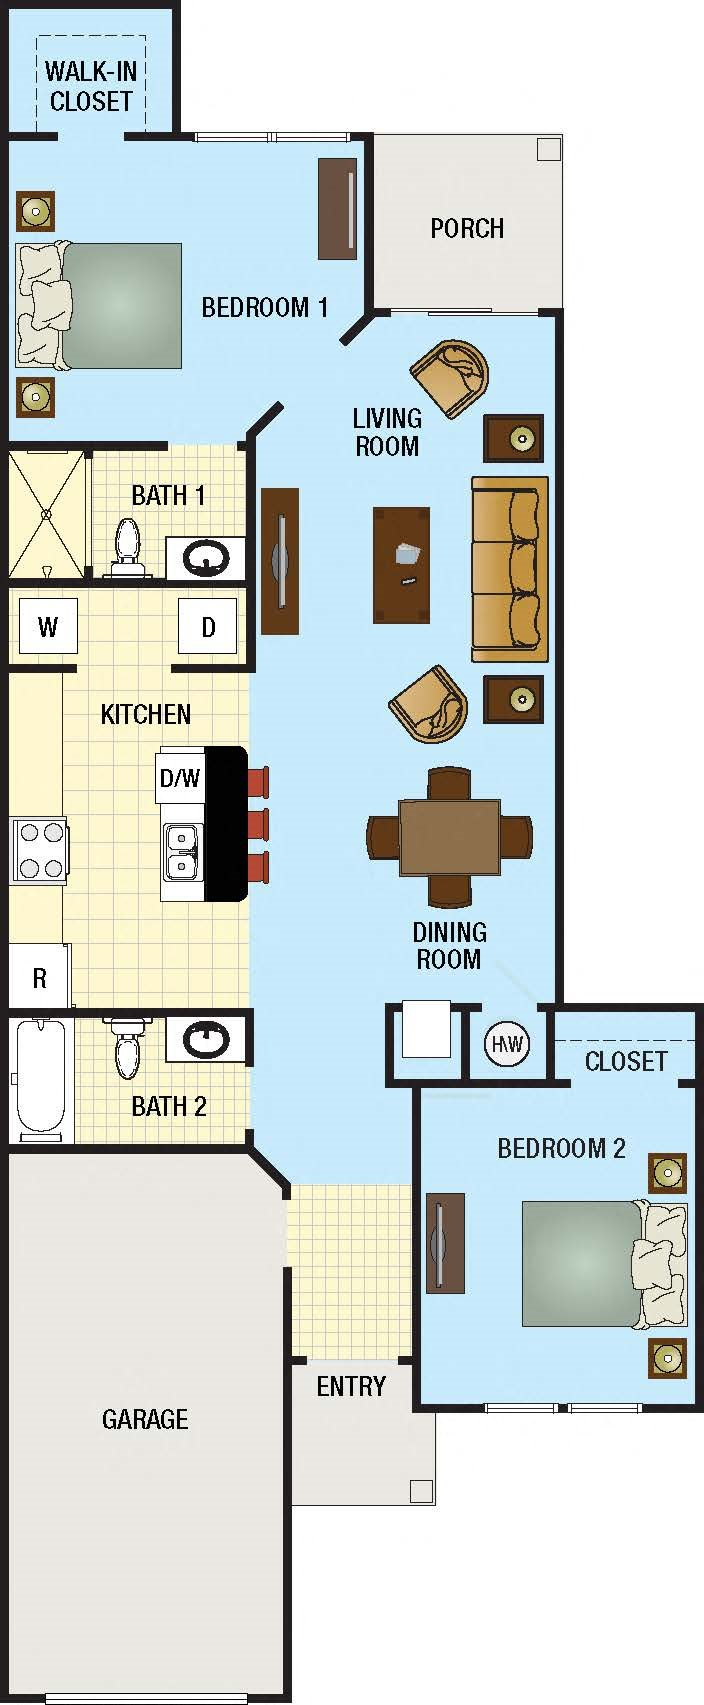 Palmetto Floor Plan - Concordrents.com